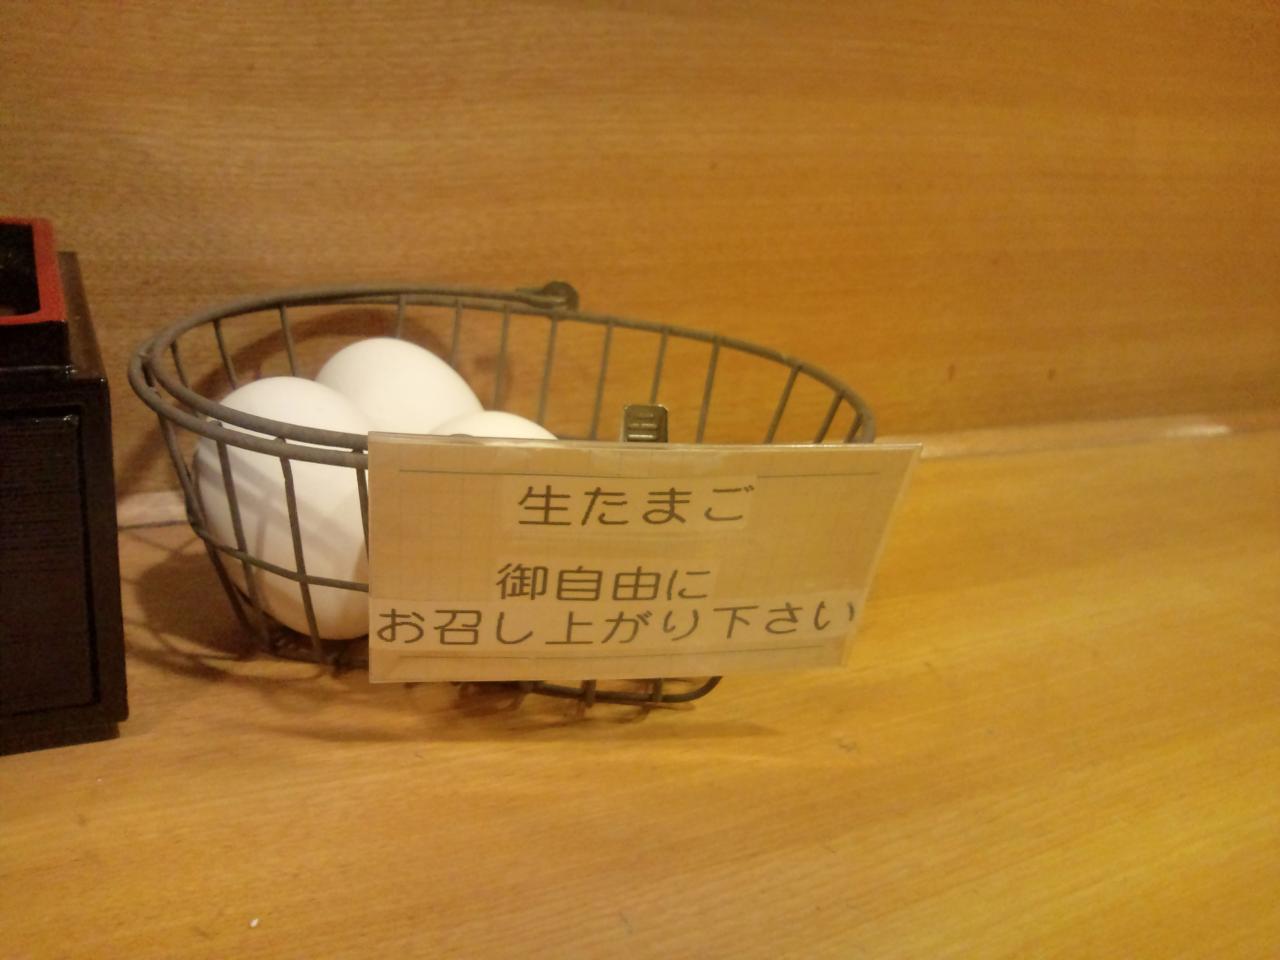 Oh!SakaBarたまごん家秋葉原UDX店(店内)